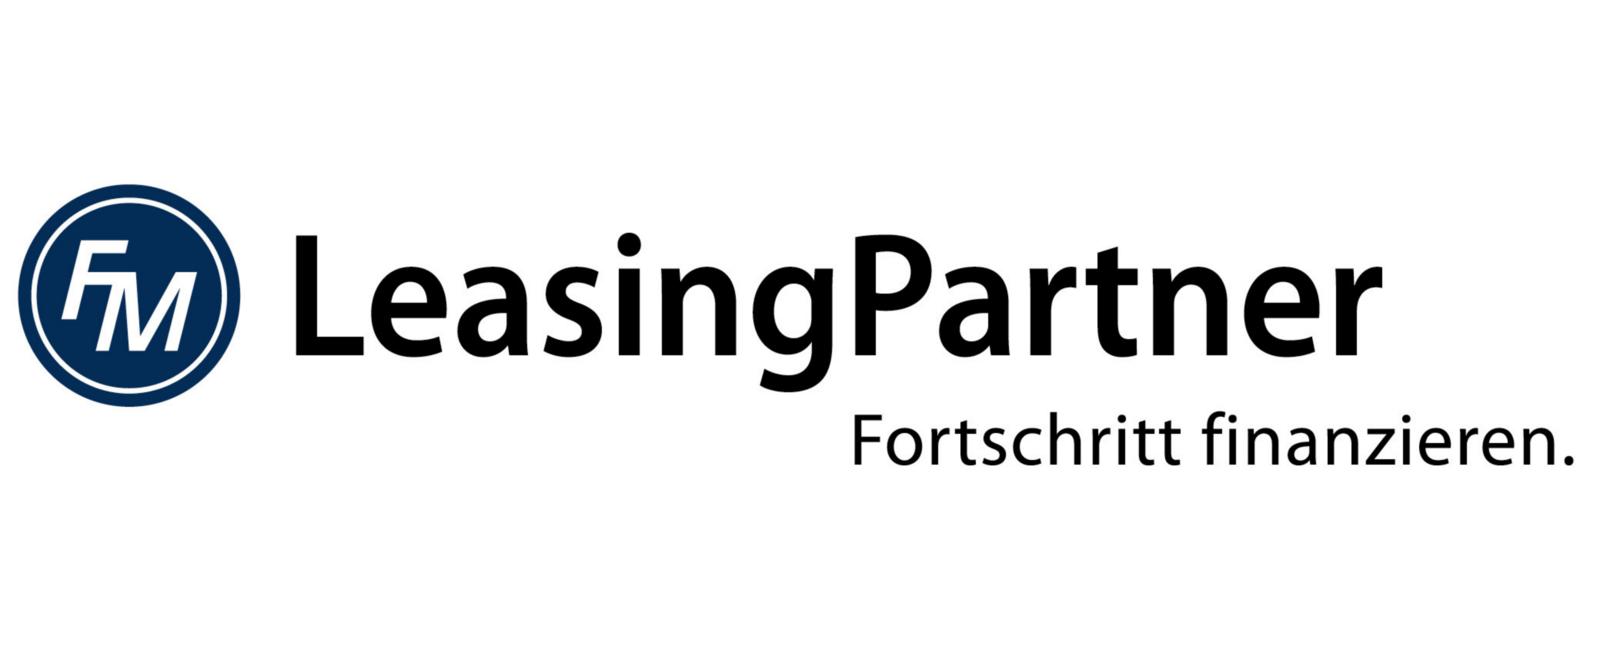 Mitarbeiter IT (m/w/d) - Düsseldorf, Köln oder Osnabrück - Job - Karriere bei FM